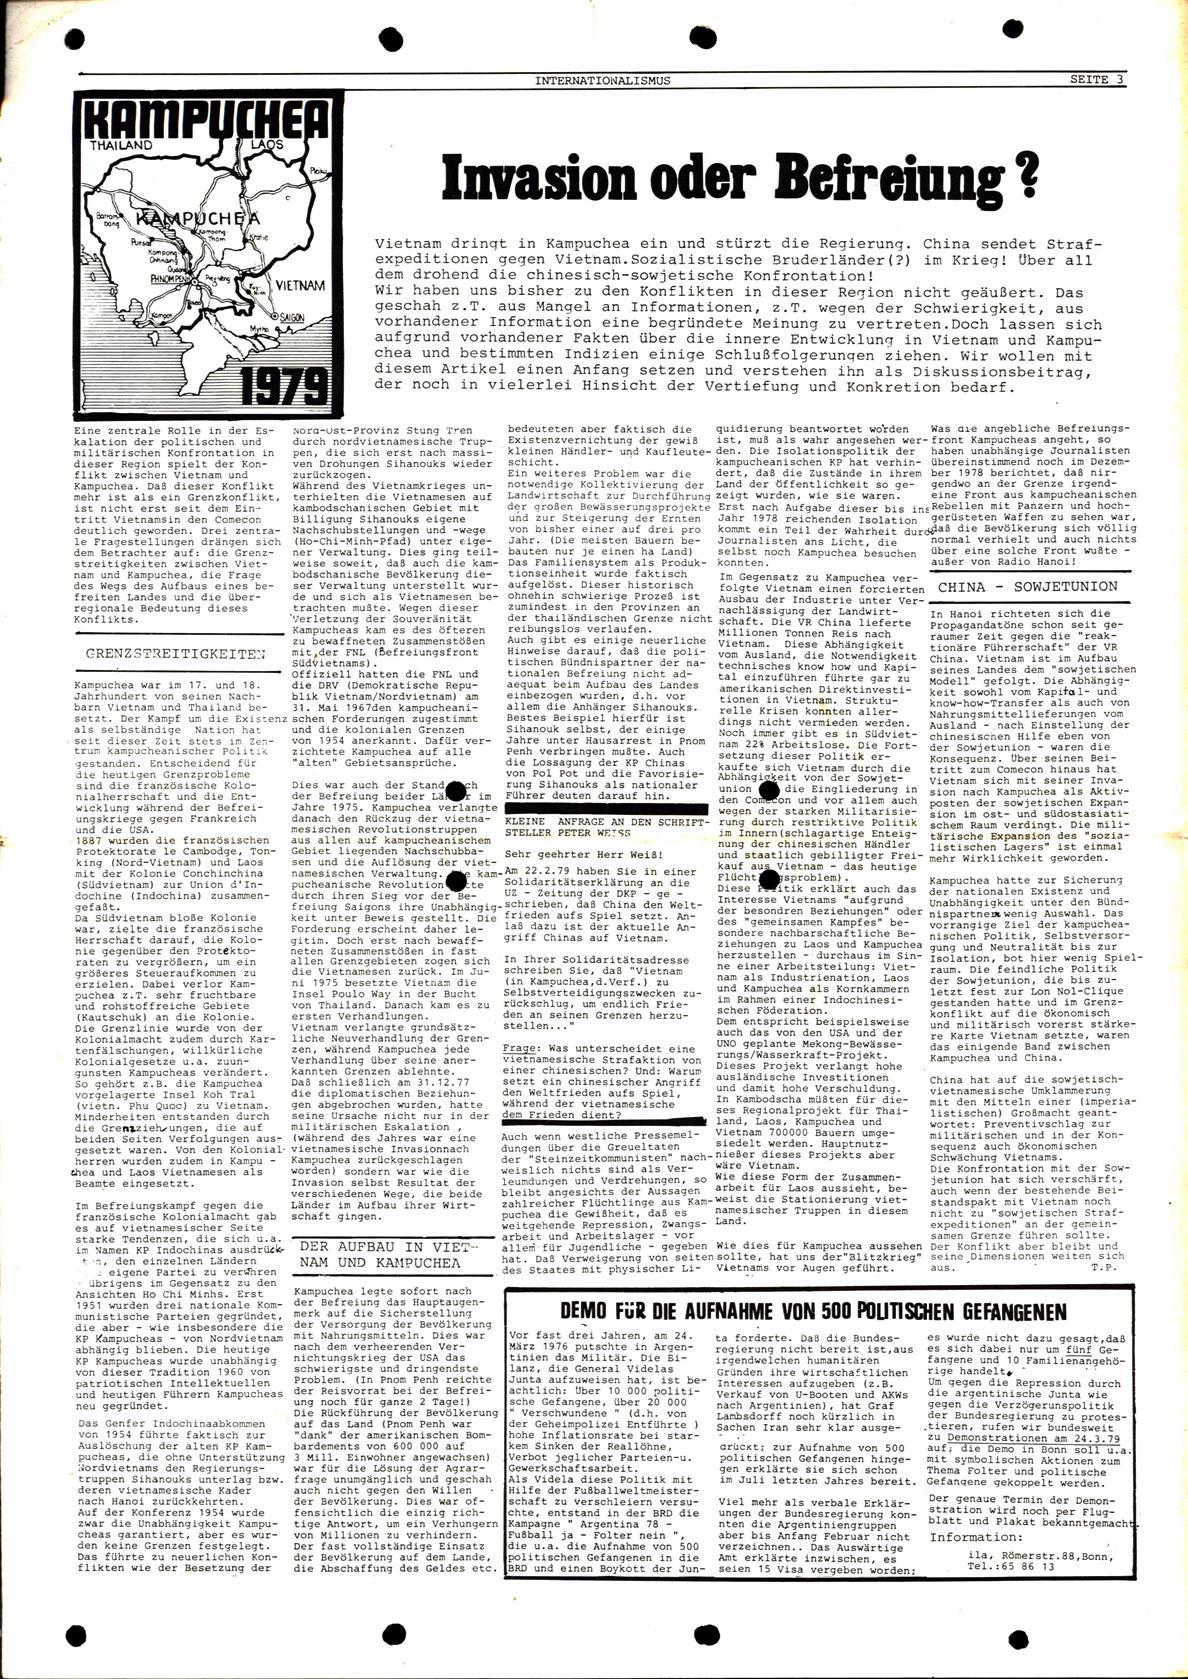 Bonner_Volksblatt_22_19790228_03